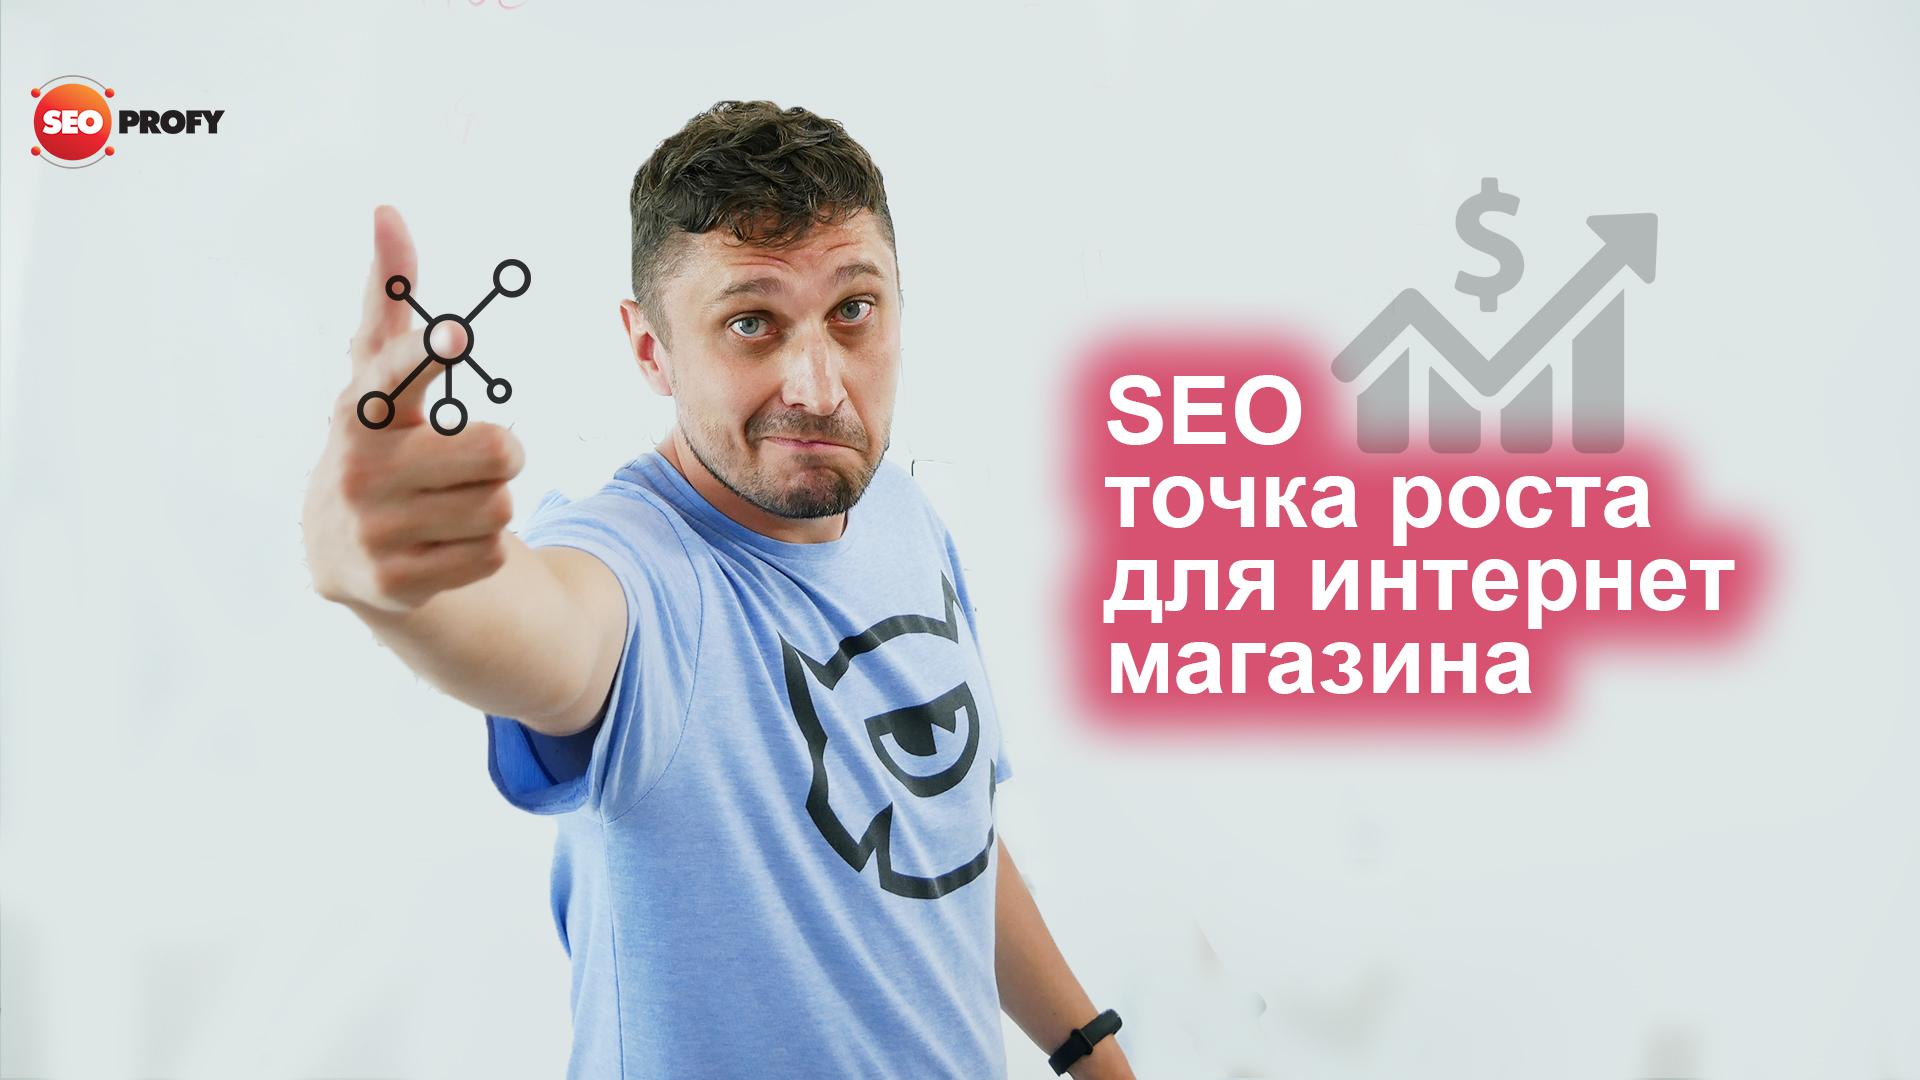 Идеальная точка роста для интернет магазина с помощью SEO — На Доске — выпуск № 286 с Игорь Шулежко